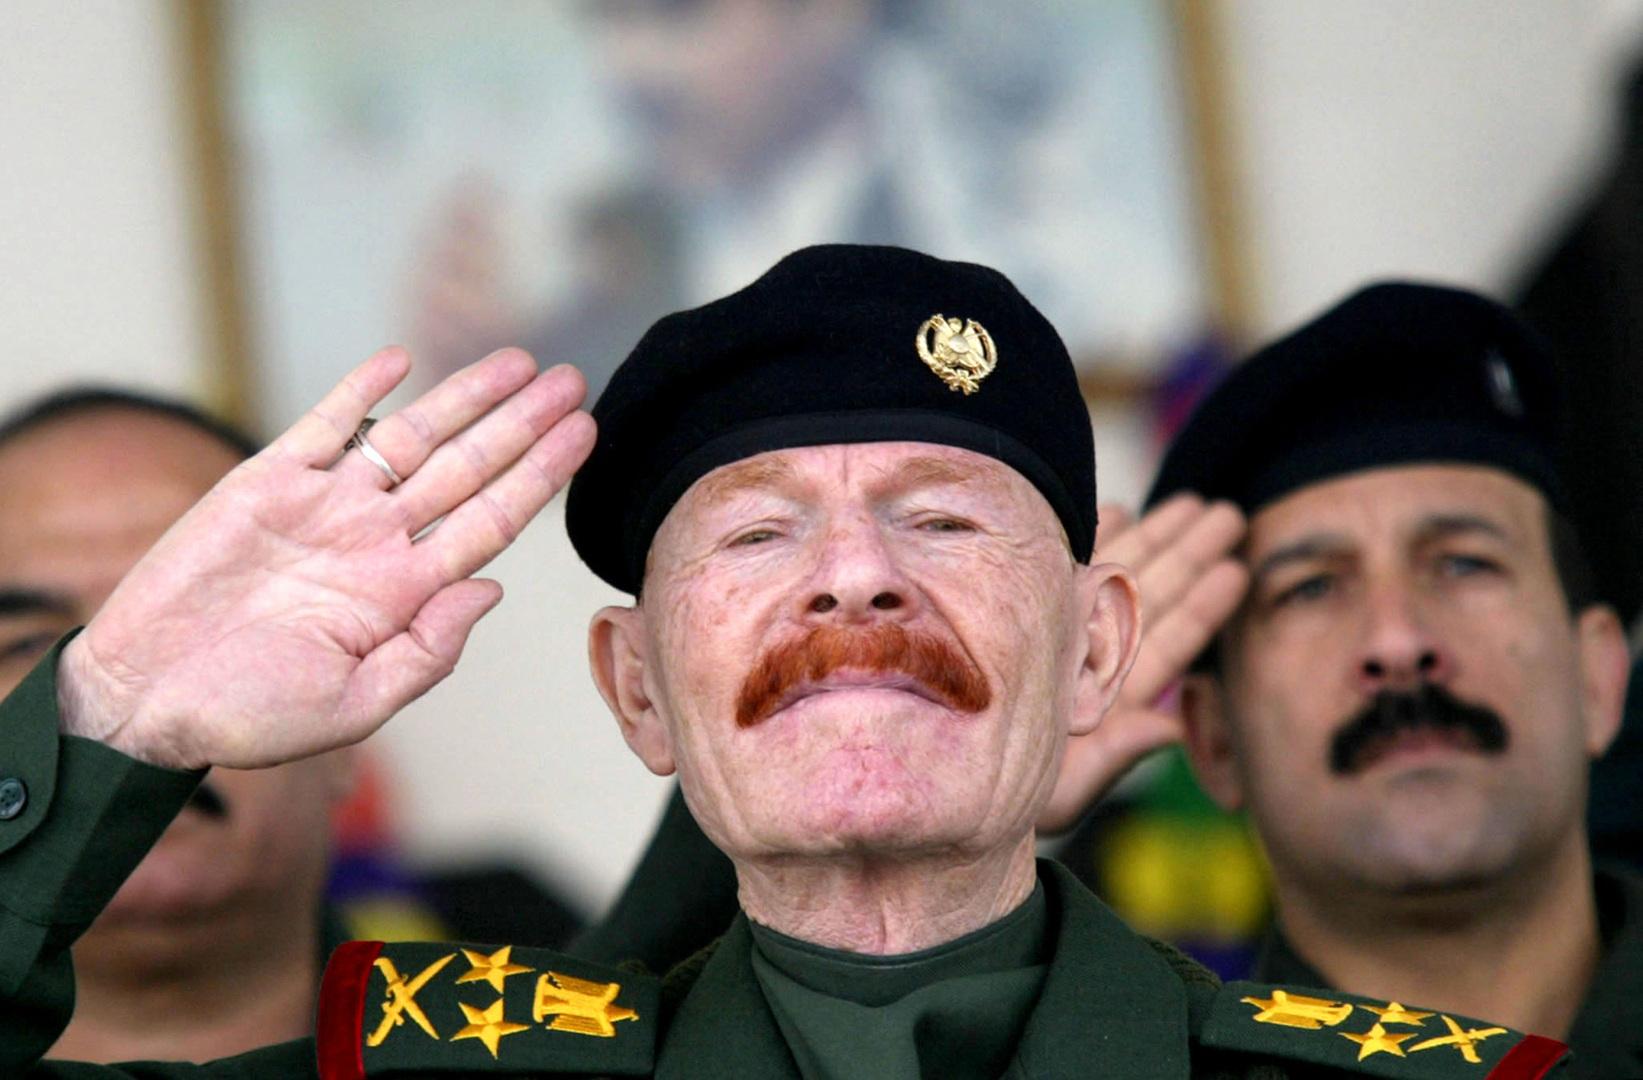 القيادي البارز في حزب البعث العراقي،الذي كان يشغل منصب نائب الرئيس في عهد صدام حسين،عزت الدوري.